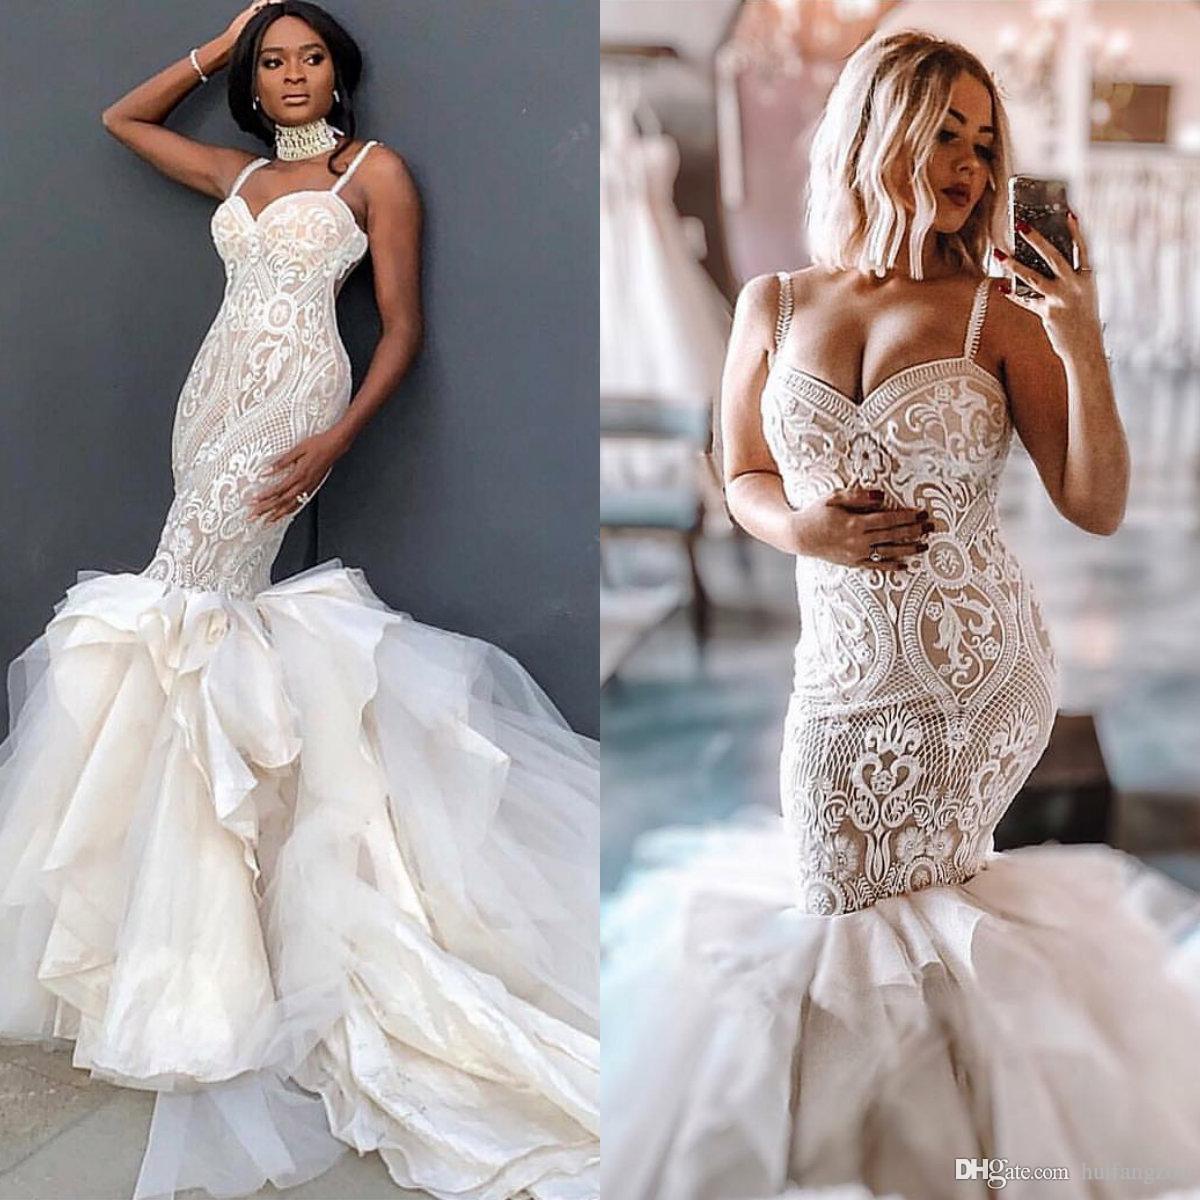 d2f501184 Compre 2019 Tallas Grandes Vestidos De Novia De Sirena Apliques De Encaje  De Espagueti Sexy Faldas Gradas Robe De Mariée Vestido De Boda De Playa  Precioso ...